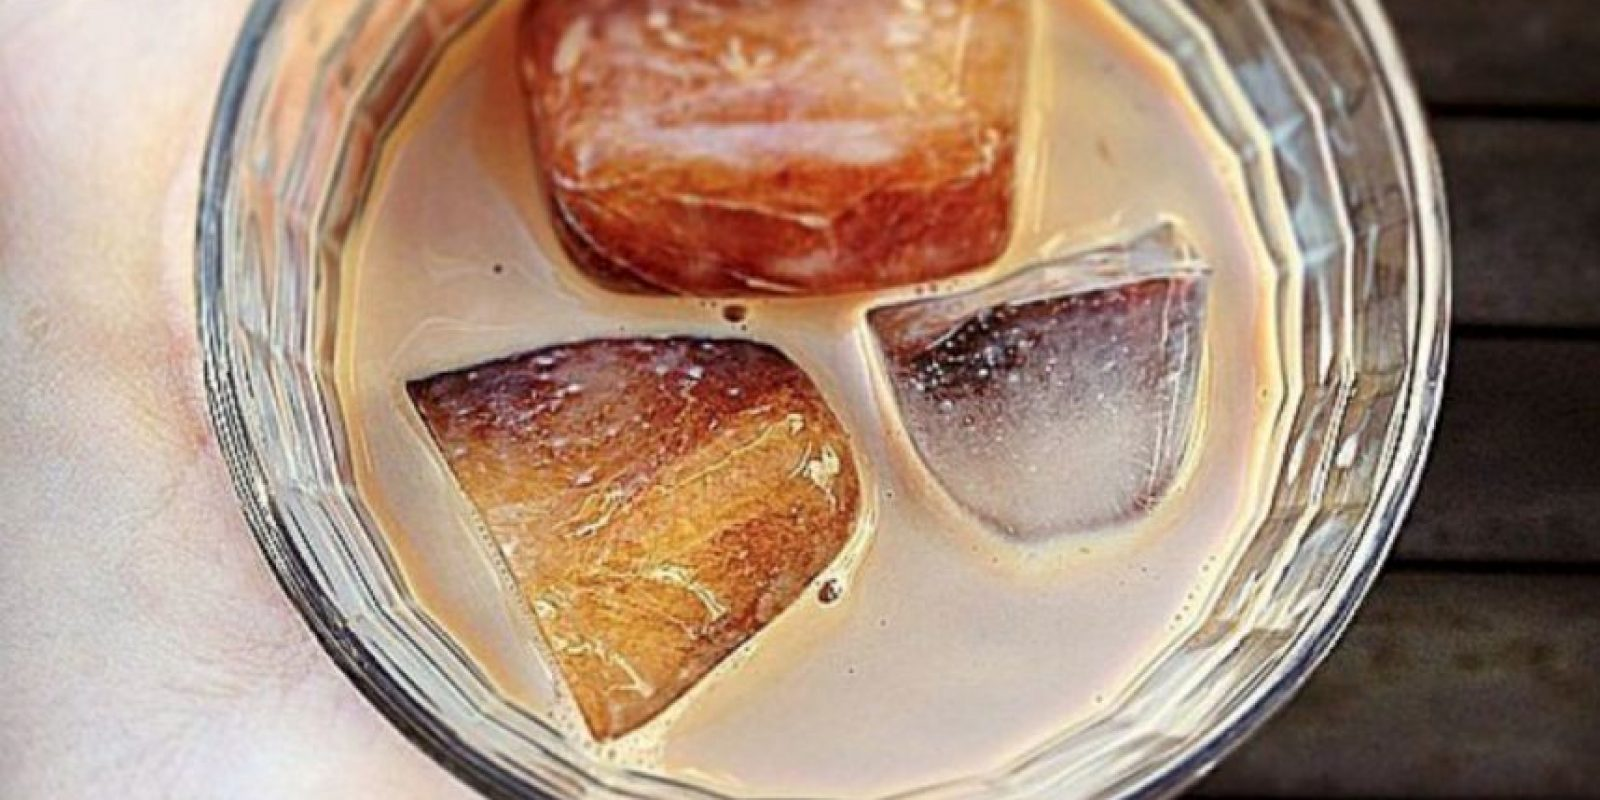 Hacer café frío: es mejor poner el cafe en hielo, para luego mezclarlo con leche y así no se diluirá. Foto:vía Tumblr